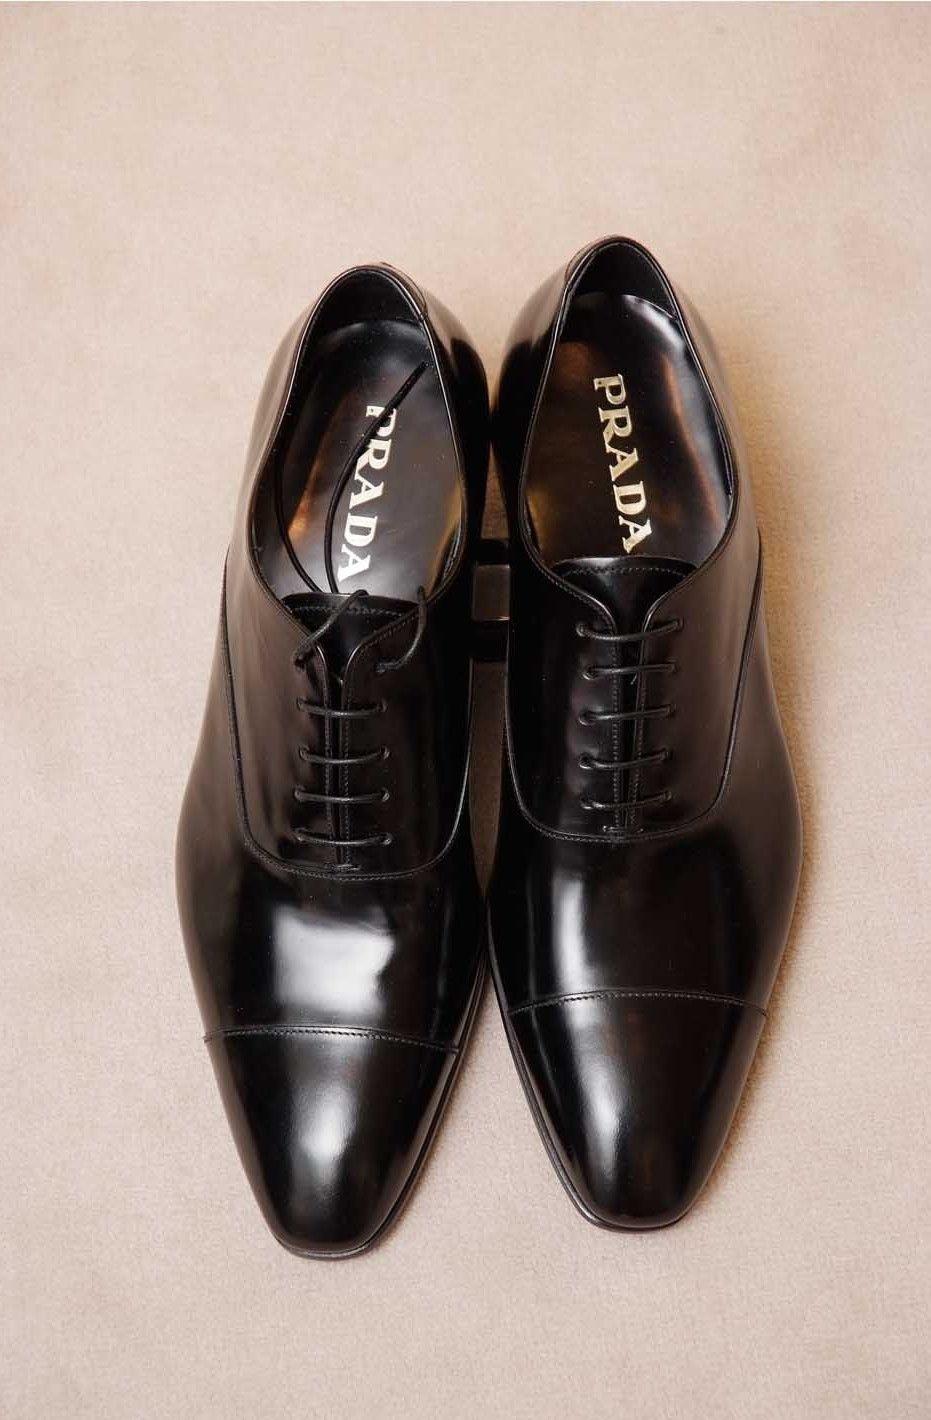 bajo precio 863bc 86191 Zapatos Prada cordones | Caballero en 2019 | Zapatos prada ...